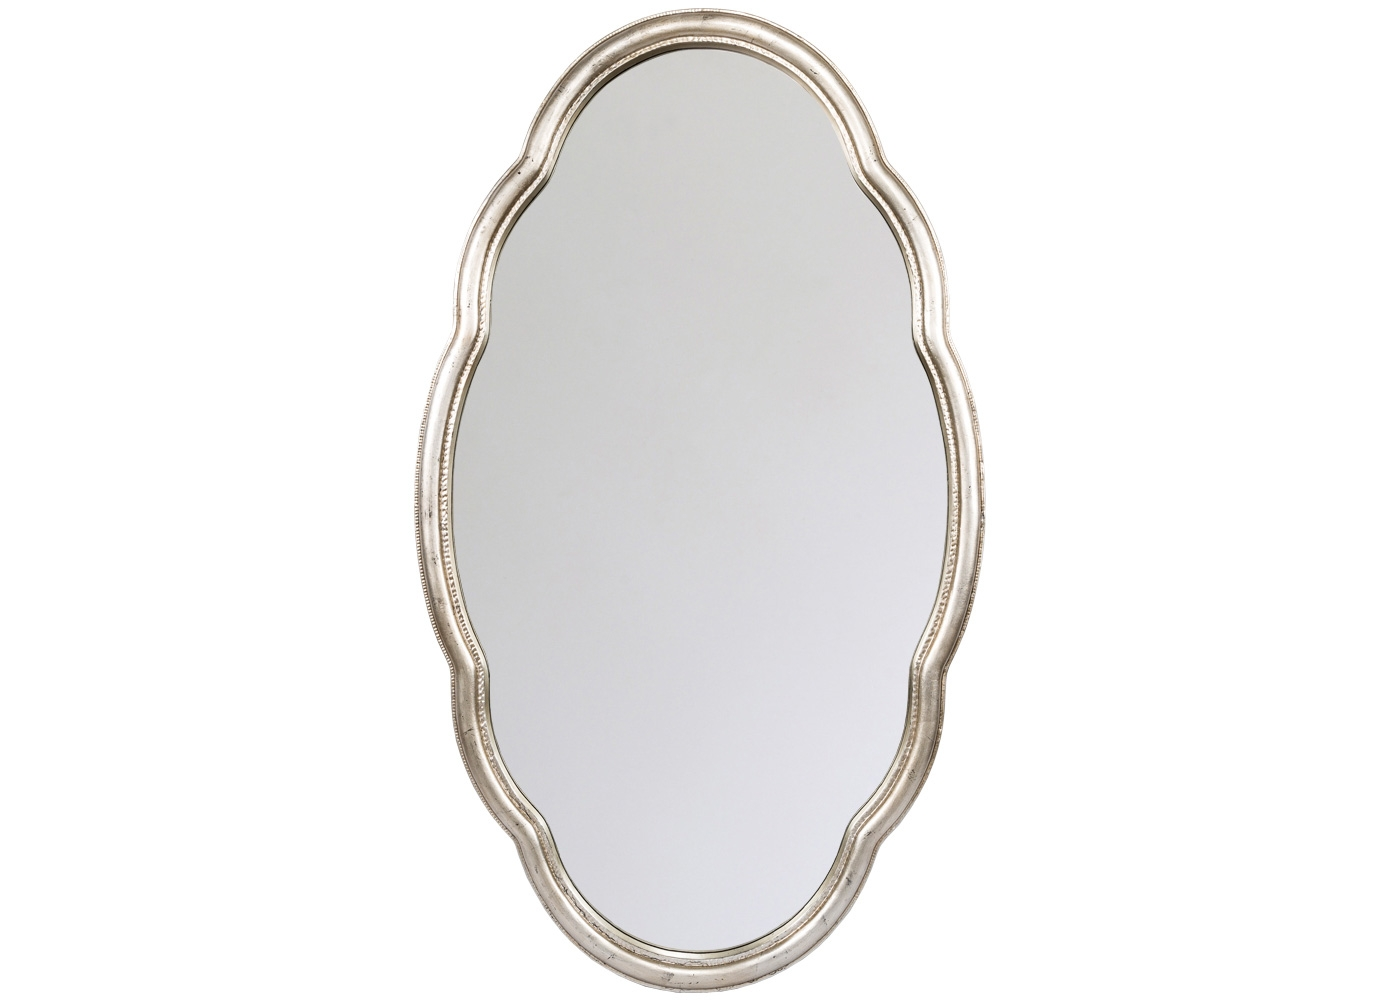 Настенное зеркало «Марселла»Настенные зеркала<br>Классический овал, раскрепощенный плавной волной, обретает романтичность и атмосферную легкость, навеянную матовым платиновым оттенком. Расположив зеркало &amp;quot;Марселла&amp;quot; перпендикулярно окну, Вы откроете дому небесную свежесть и естественный солнечный свет. Рама изготовлена из полиуретана, - экологически безвредного, прочного и долговечного материала. Полиуретан достоверно имитирует любые материалы. На первый взгляд, оправа &amp;quot;Марселла&amp;quot; не отличается от металлической.<br><br>Material: Полиуретан<br>Ширина см: 70.0<br>Высота см: 120.0<br>Глубина см: 4.0